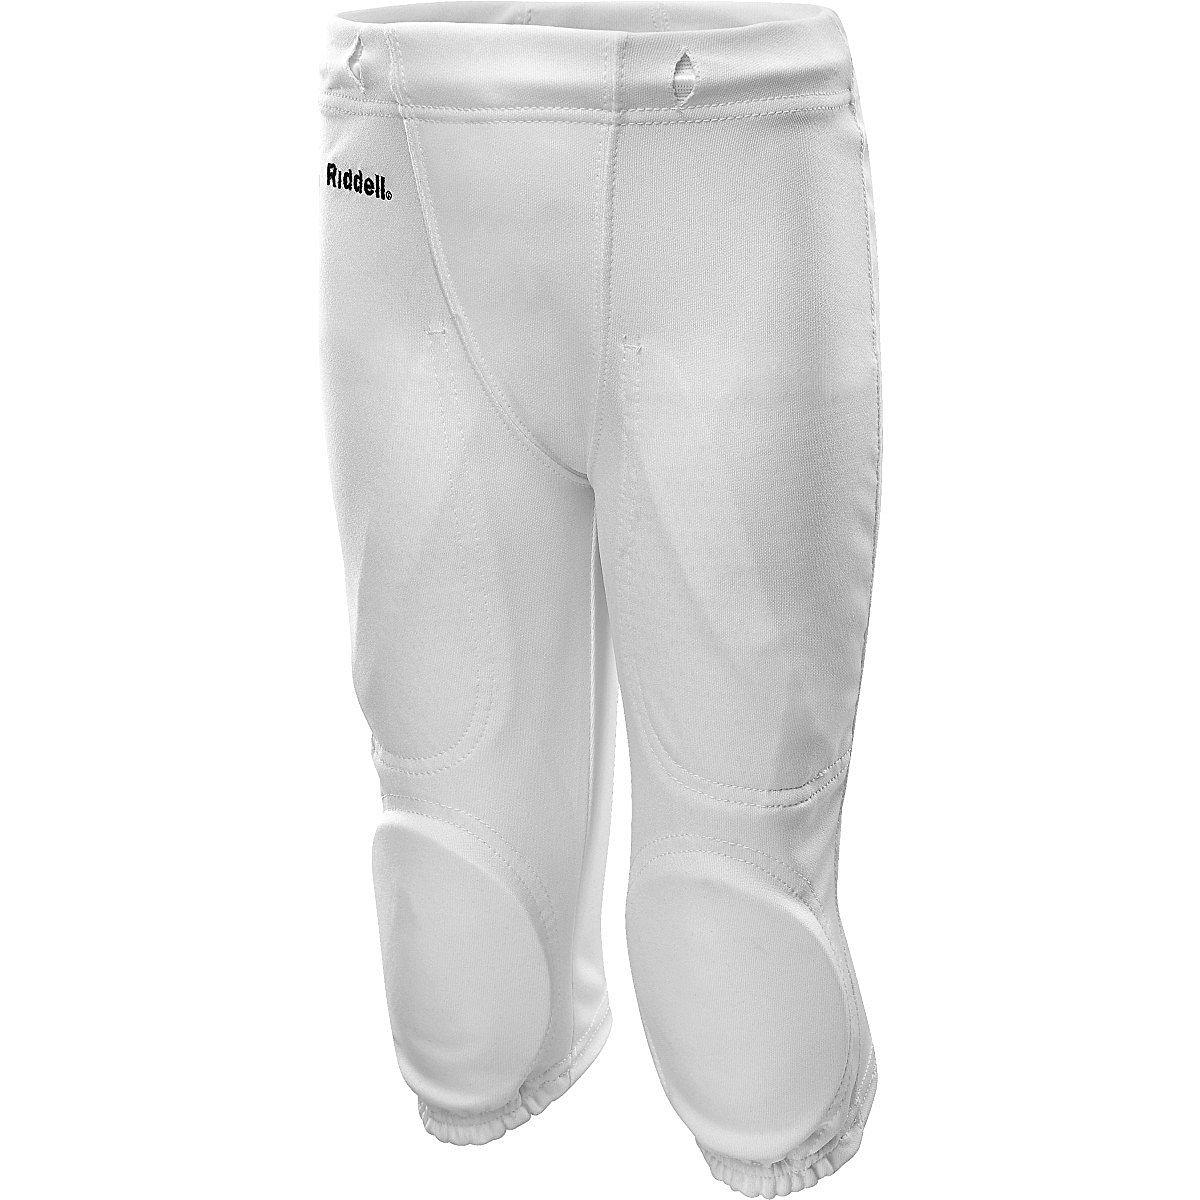 Riddell統合膝パッドフットボールパンツホワイトYouth B00CWE7442 ホワイト Medium